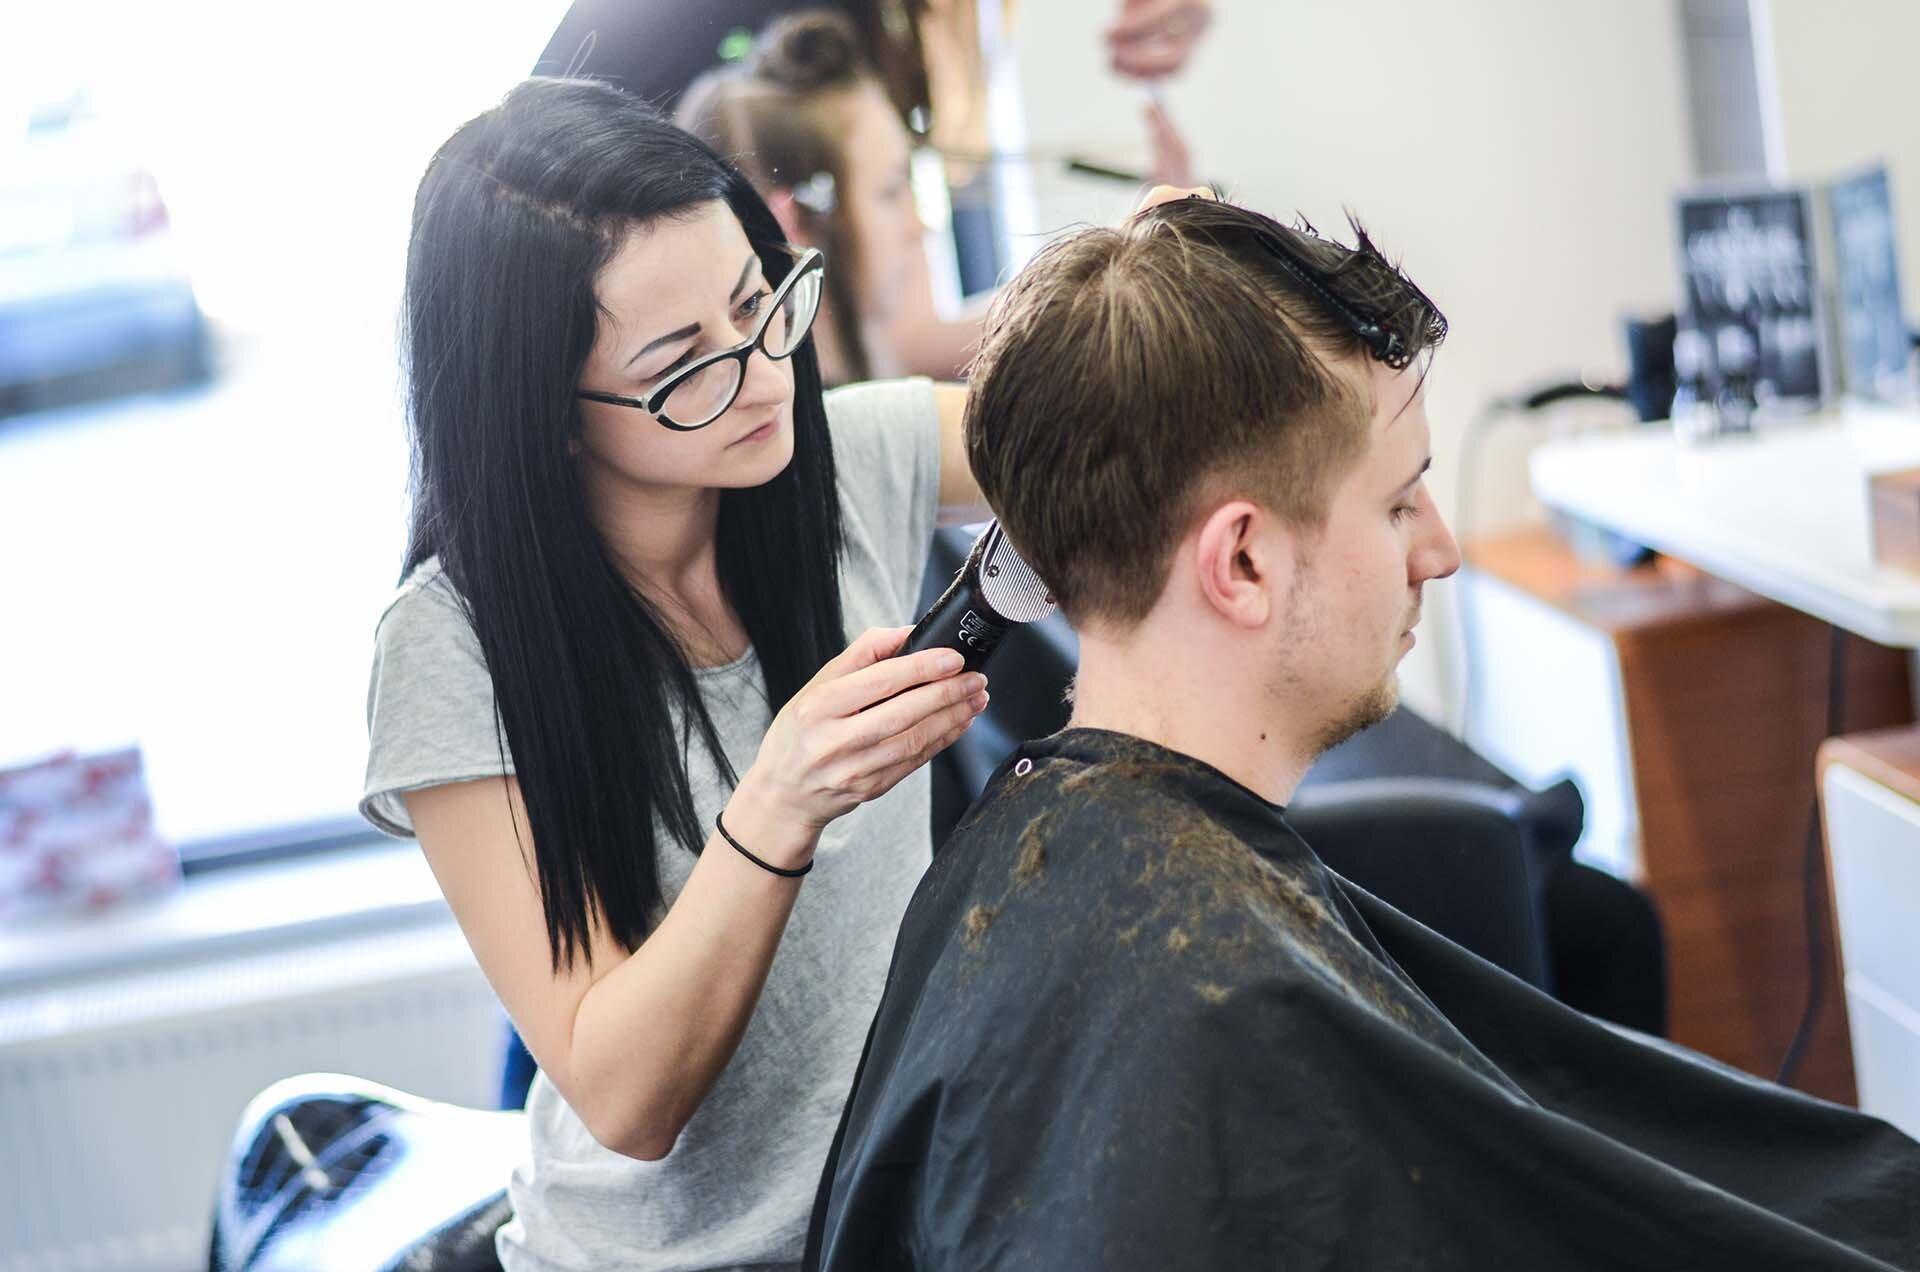 GMALE by Grzegorz Paliś, Przewodnik po krakowskich fryzjerach, Ranking fryzjerów, Najlepsi fryzjerzy w Krakowie, MOSS Kraków